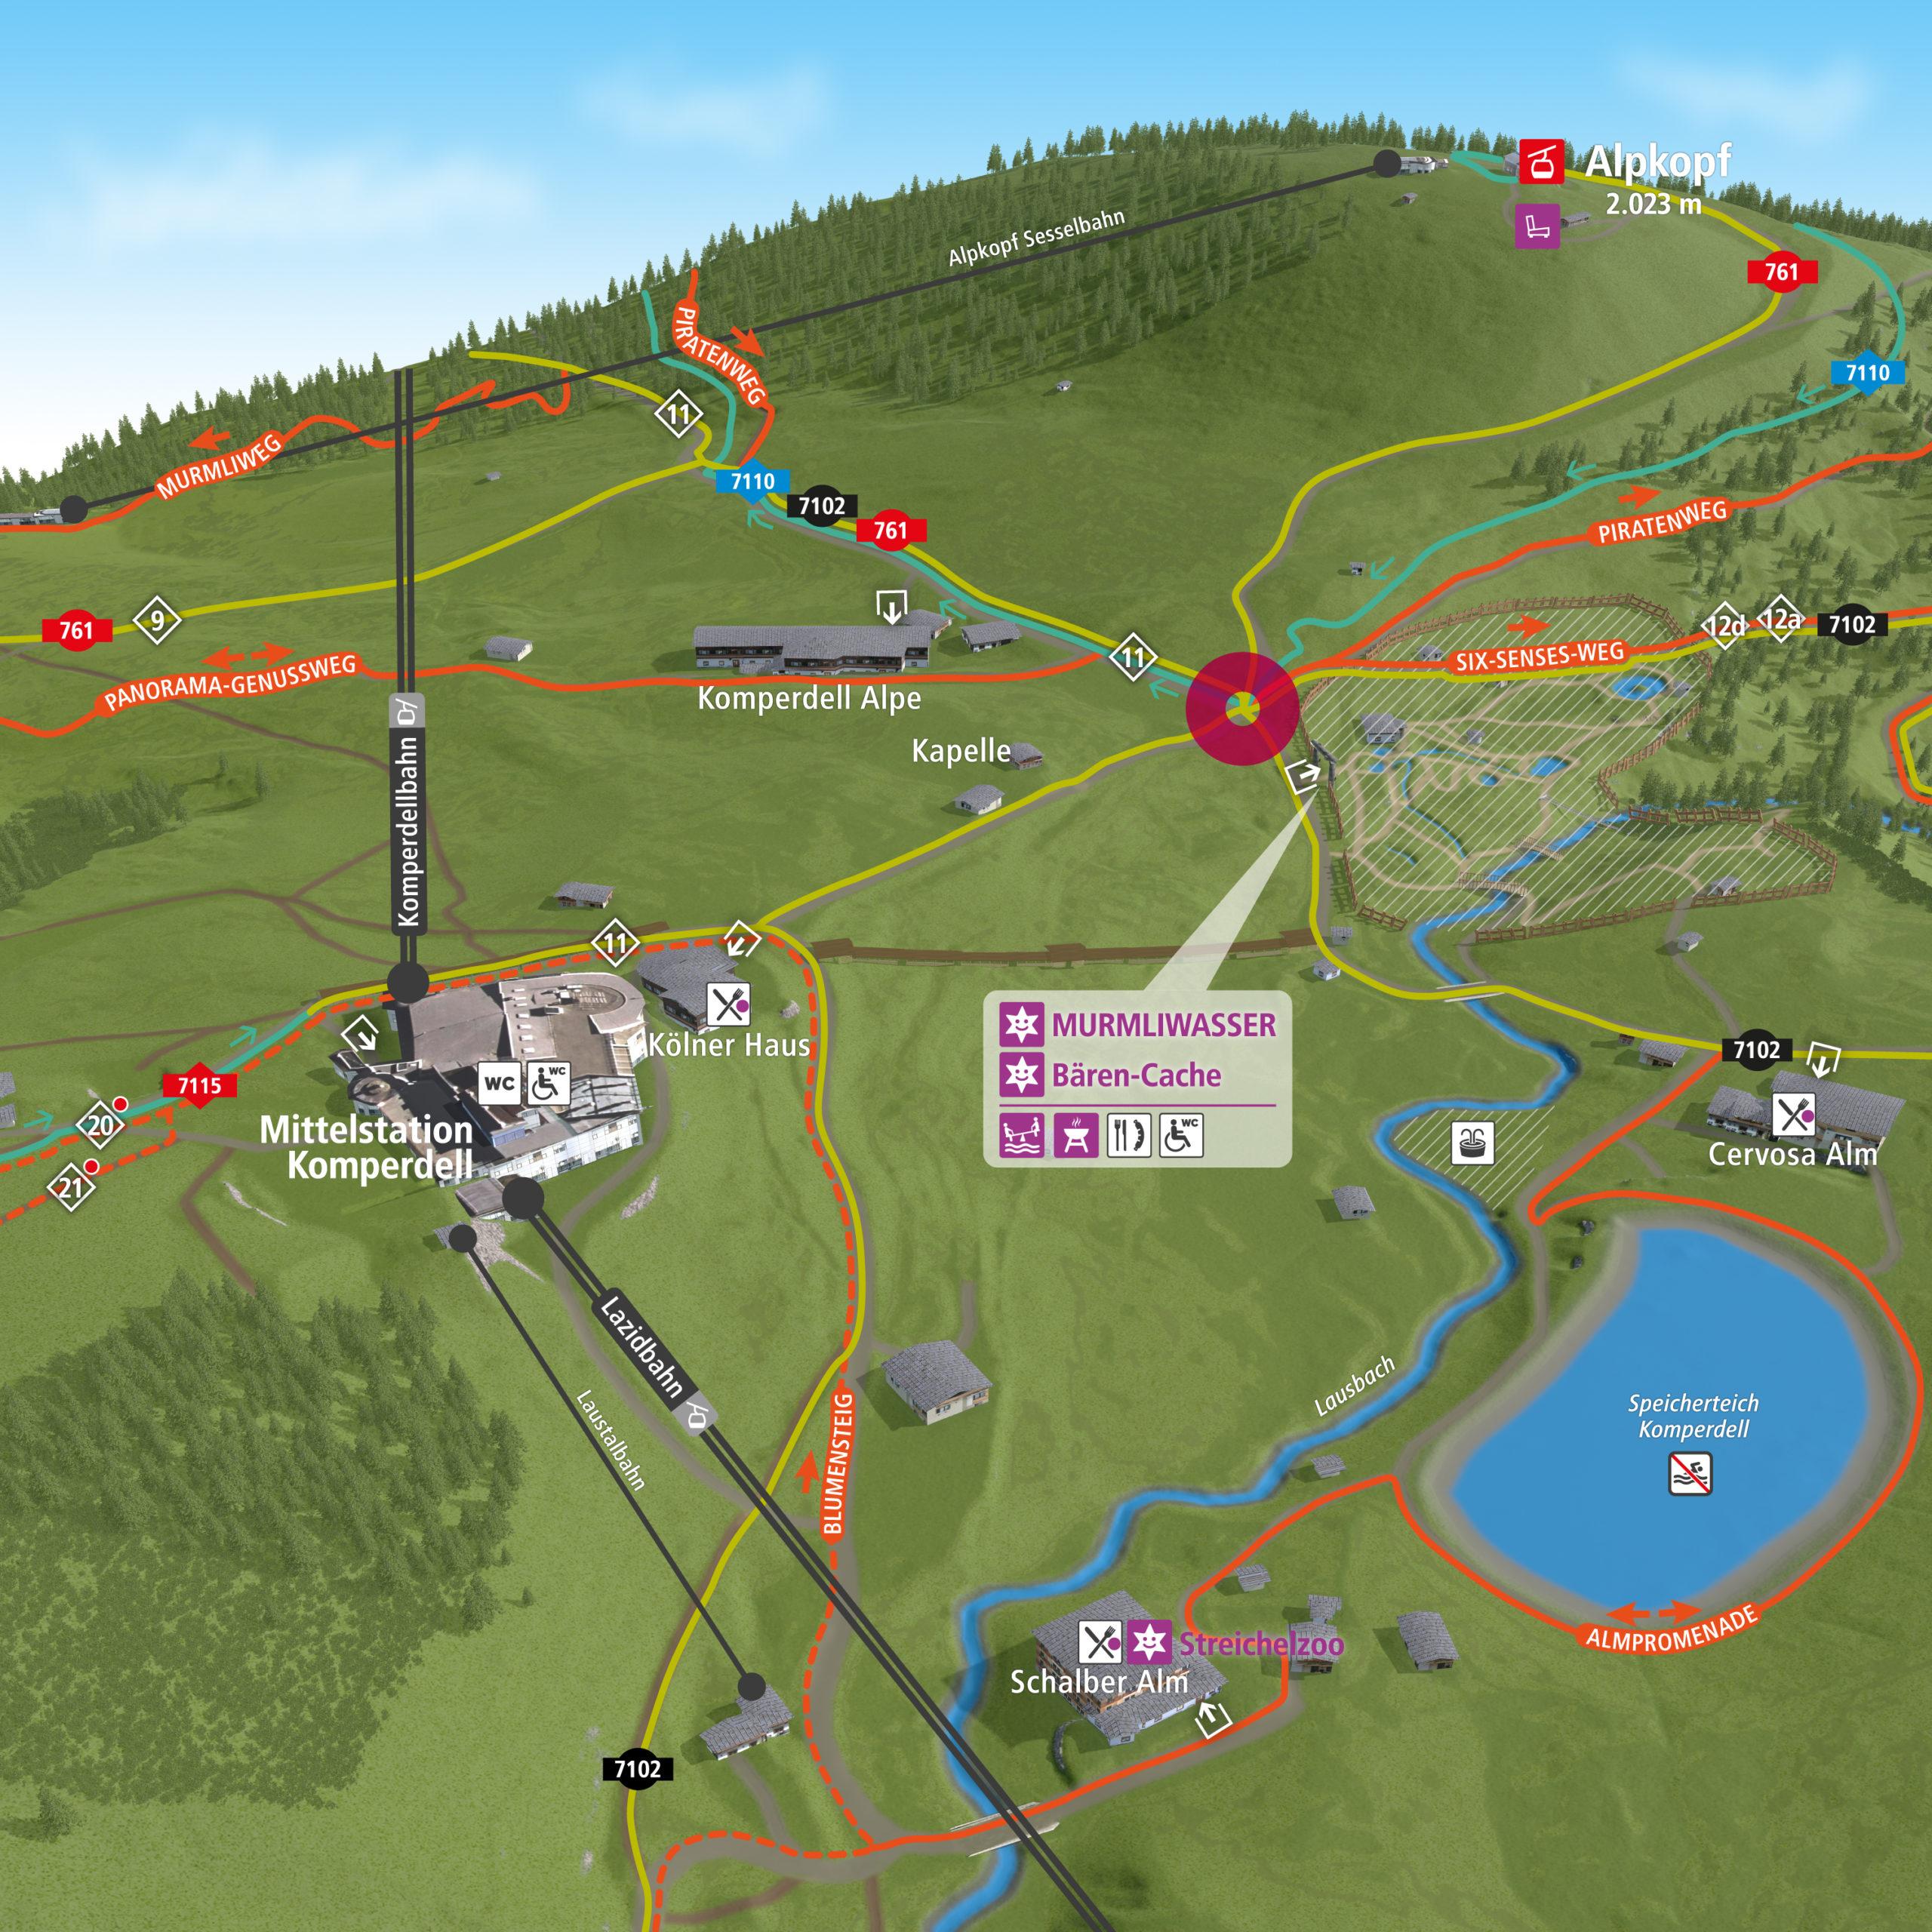 3D Panoramakarte Serfaus-Fiss-Ladis Murmliwasser - Wandern & Biken